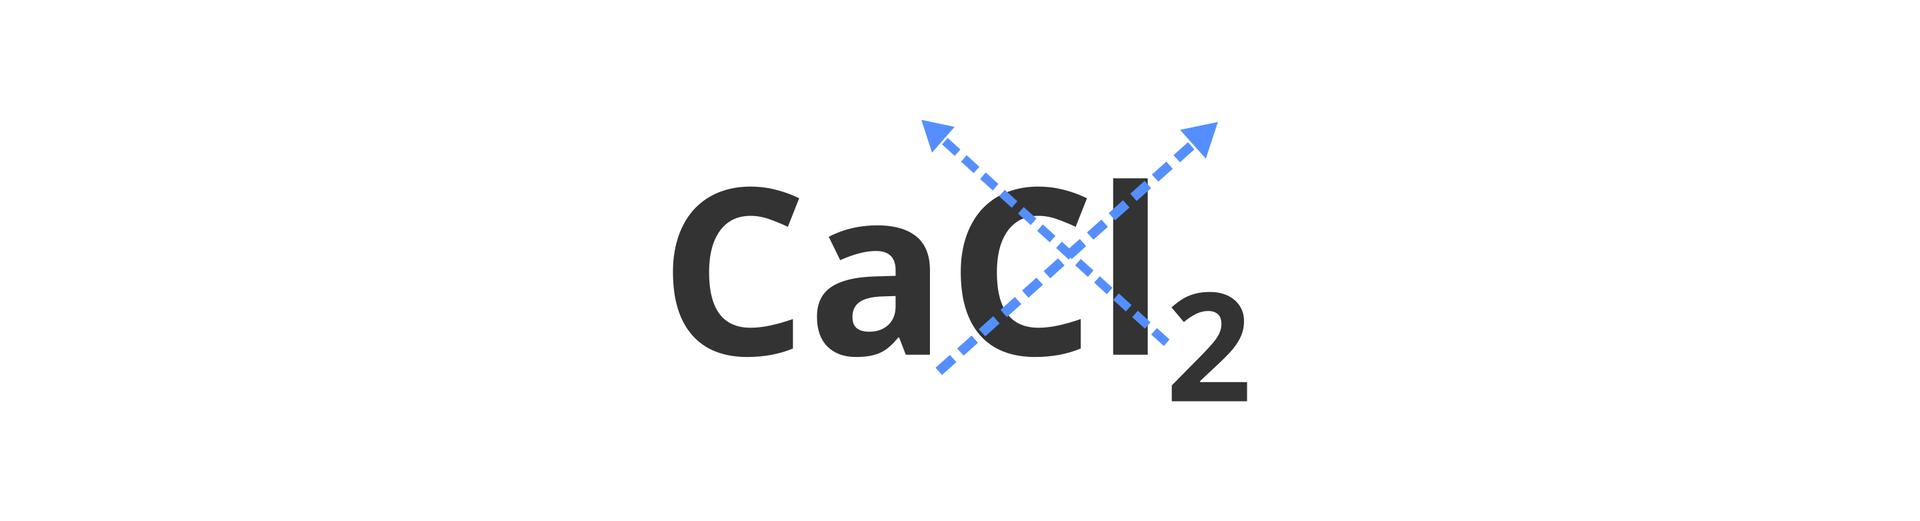 Na ilustracji znajduje się zapisana sumarycznie cząsteczka chlorku wapnia owzorze CaCl2. Współczynniki stechiometryczne przenoszone są na krzyż wgórę nad symbole sąsiadujących pierwiastków, co ilustrują niebieskie ukośne strzałki.